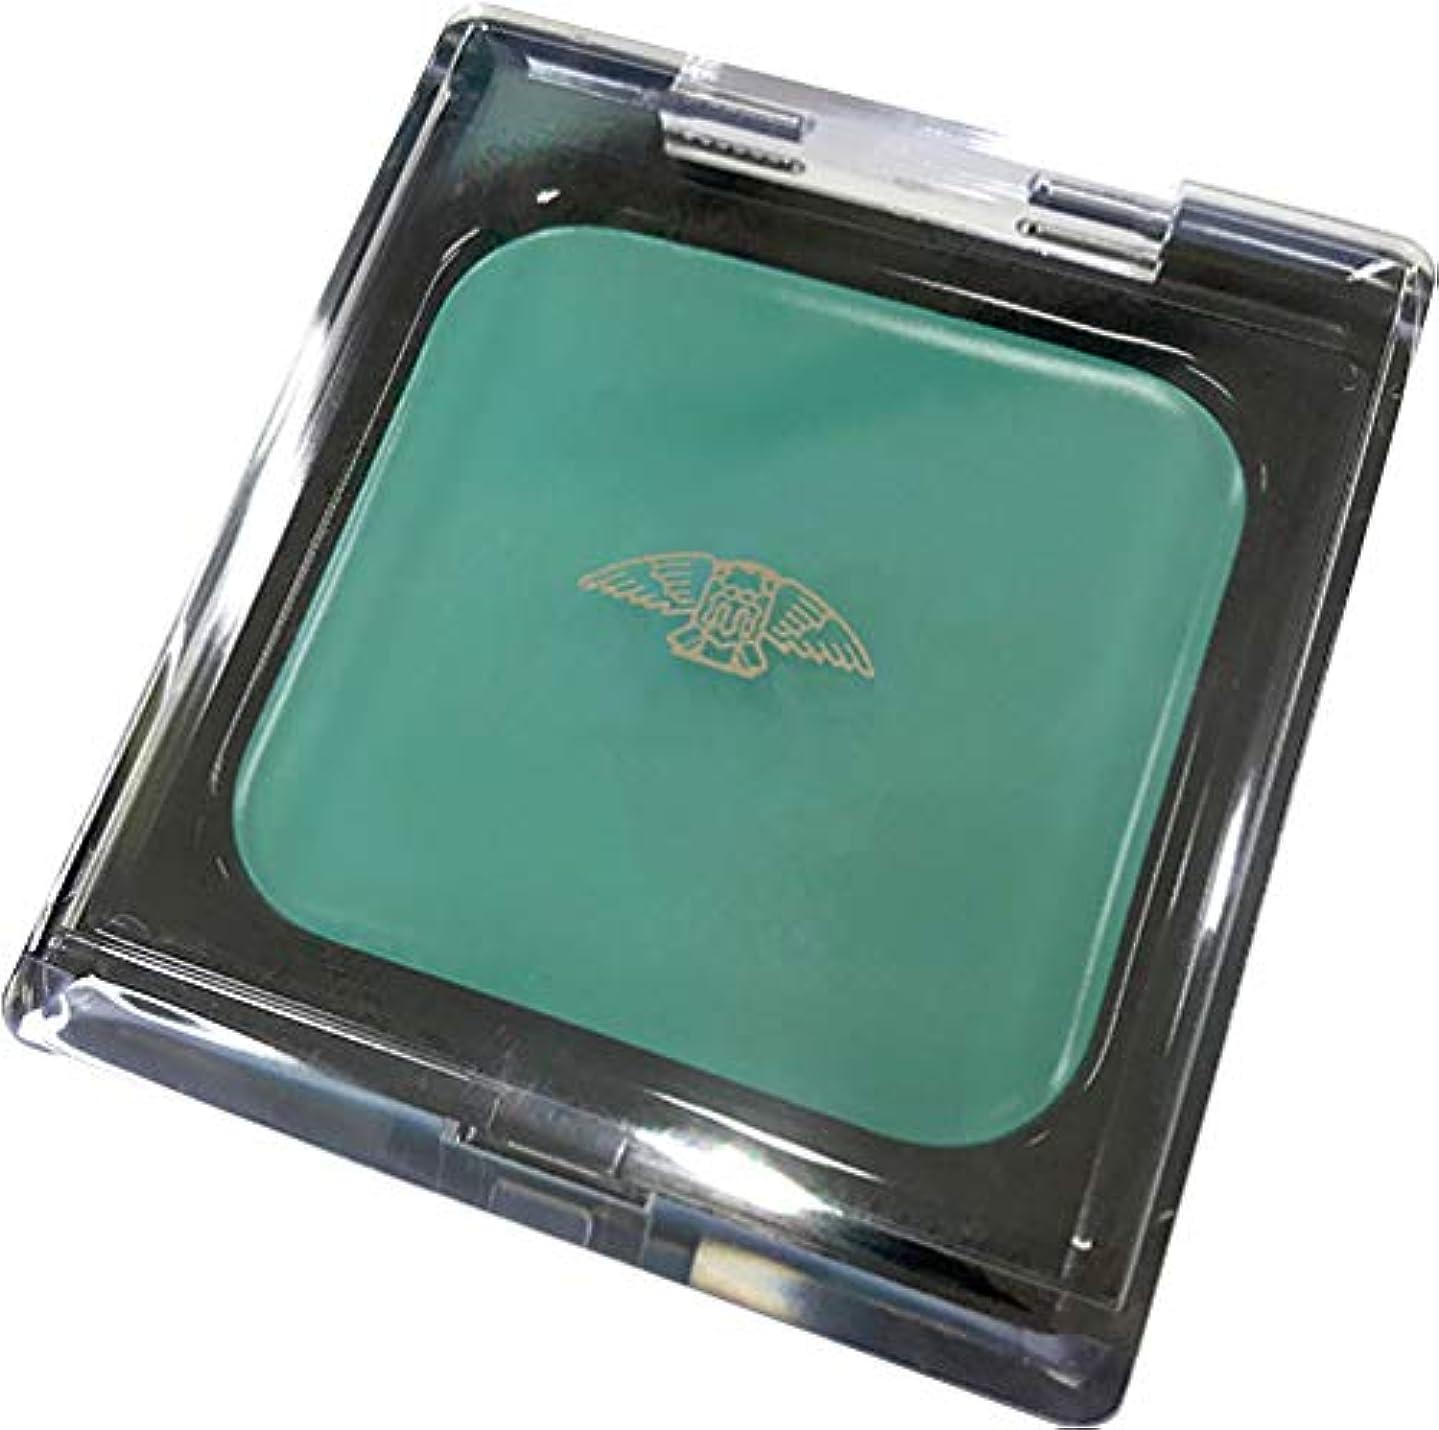 ブラジャートランク宇宙飛行士三善 クラウンカラー 7g グリーン